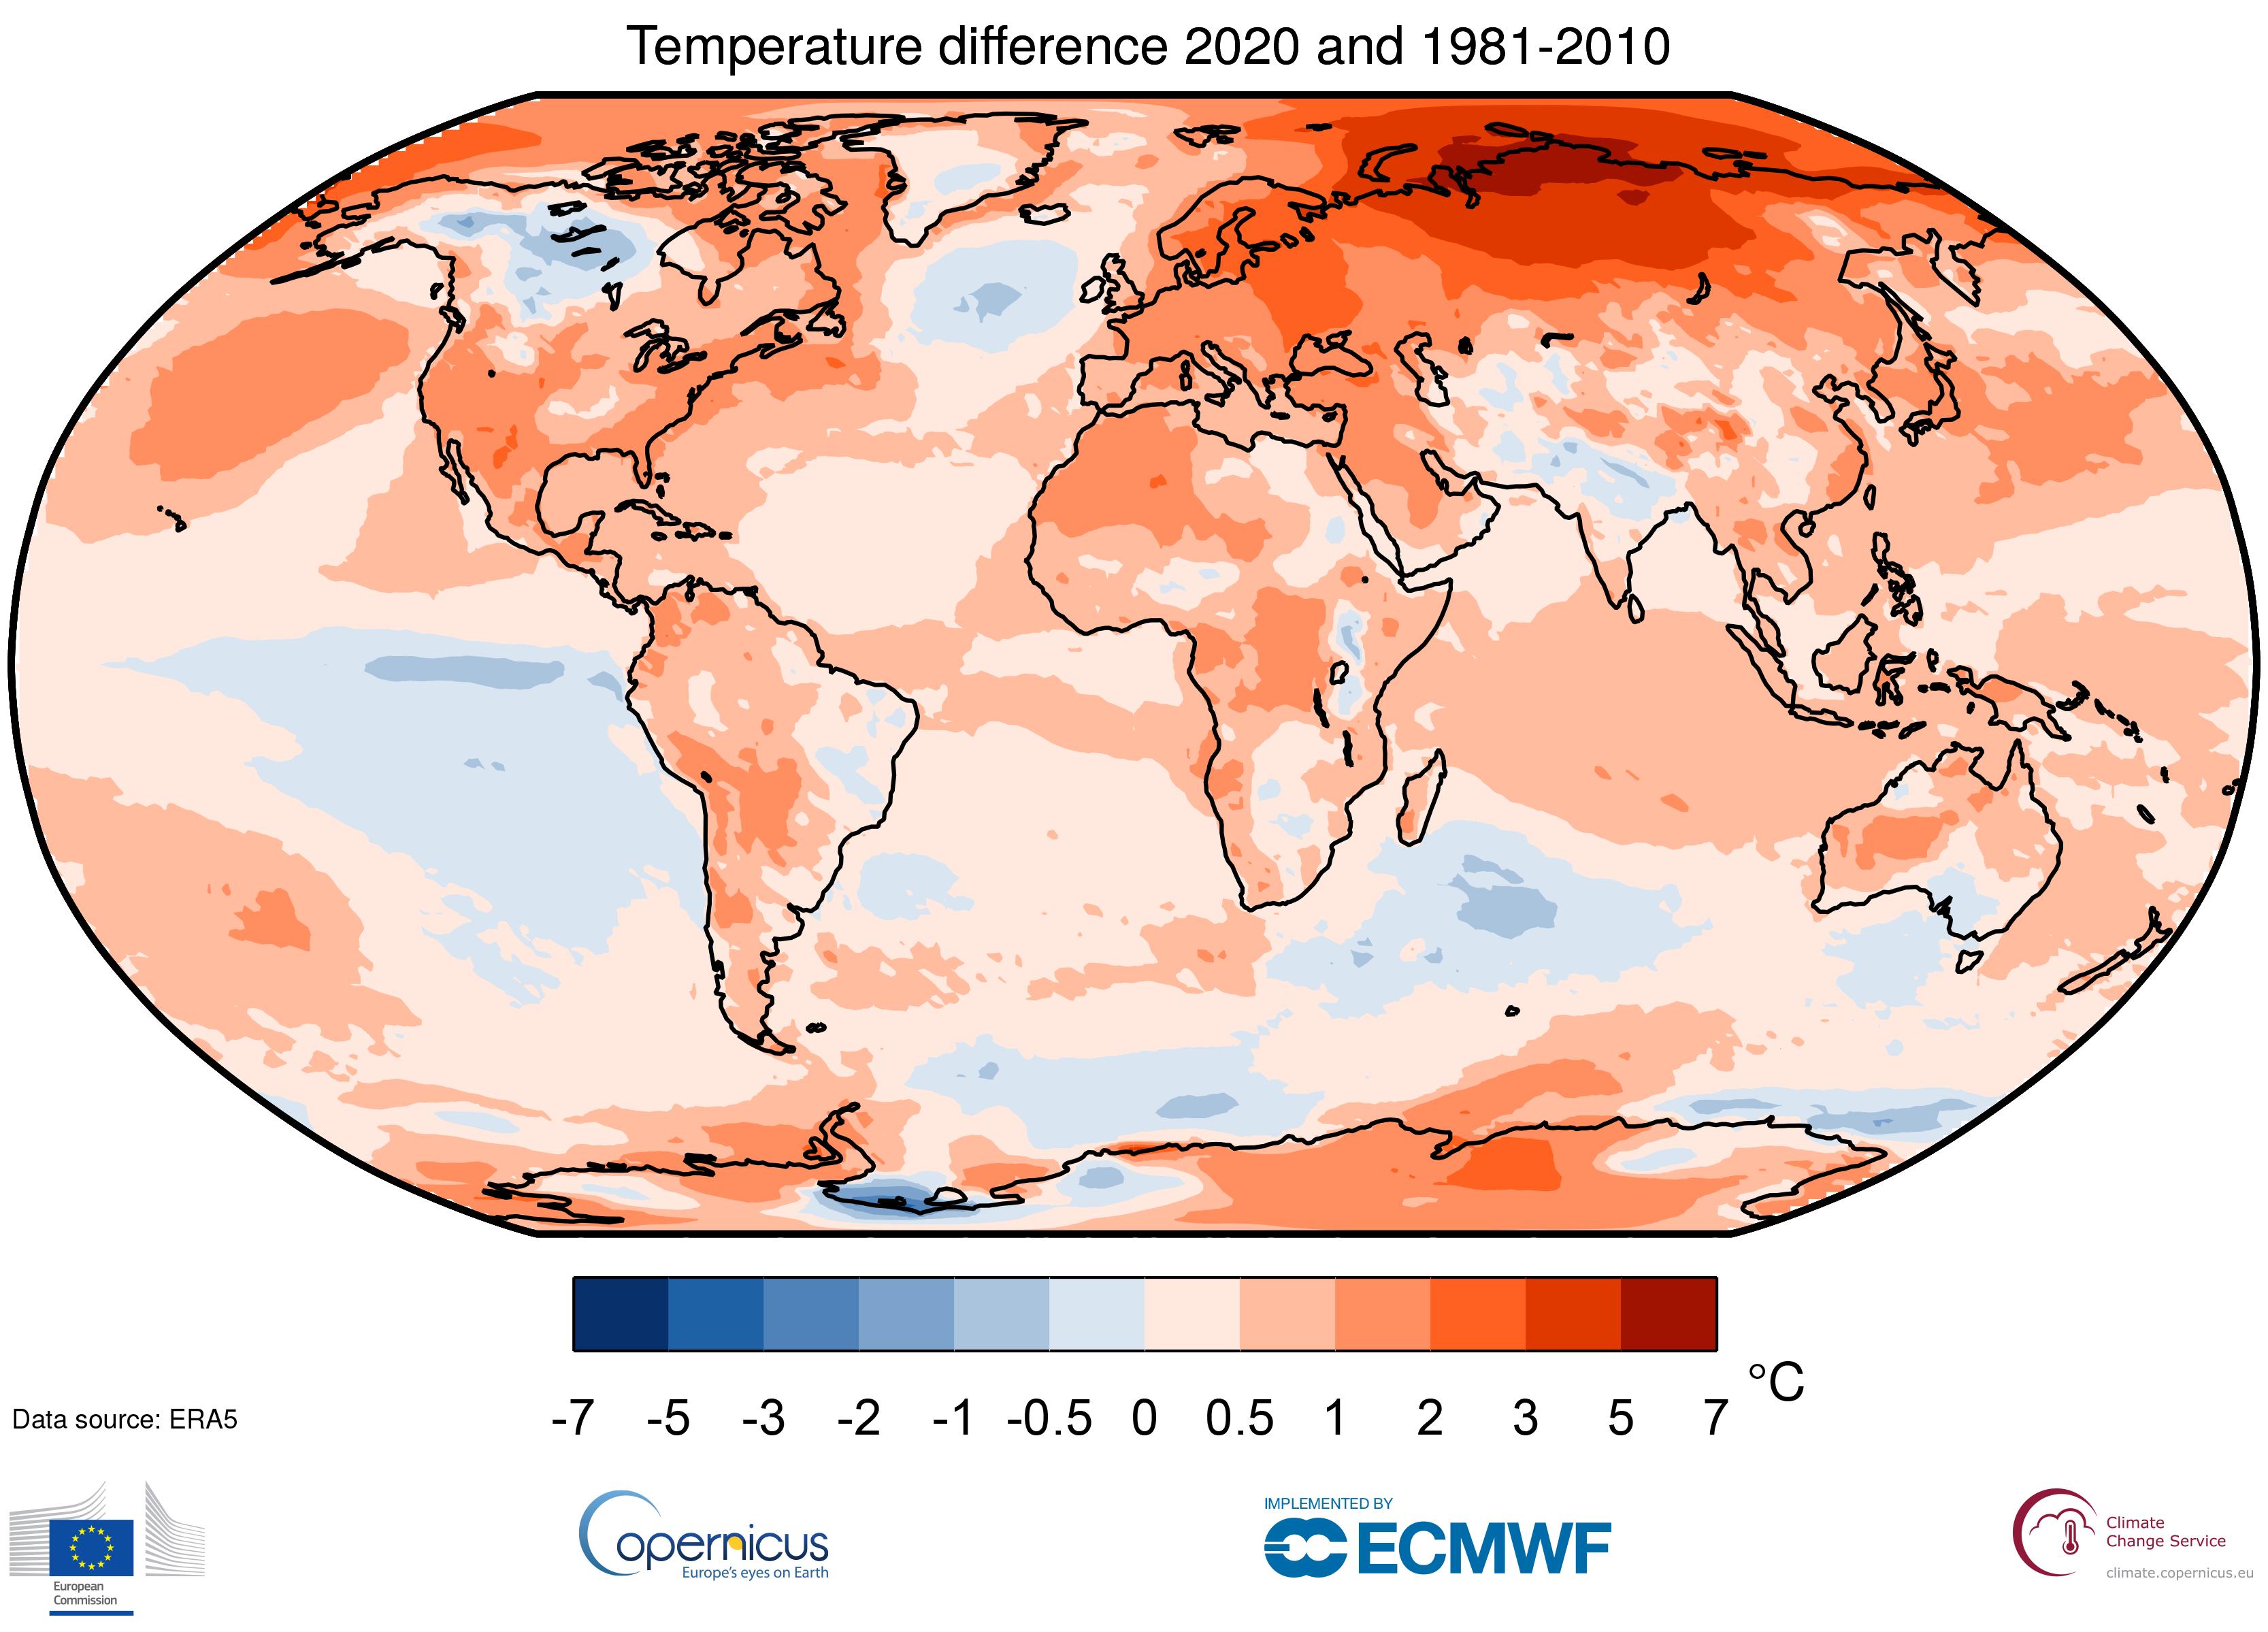 【国際】2020年の世界気温平均は2016年タイ記録で最高値。産業革命前から1.25℃上昇 2